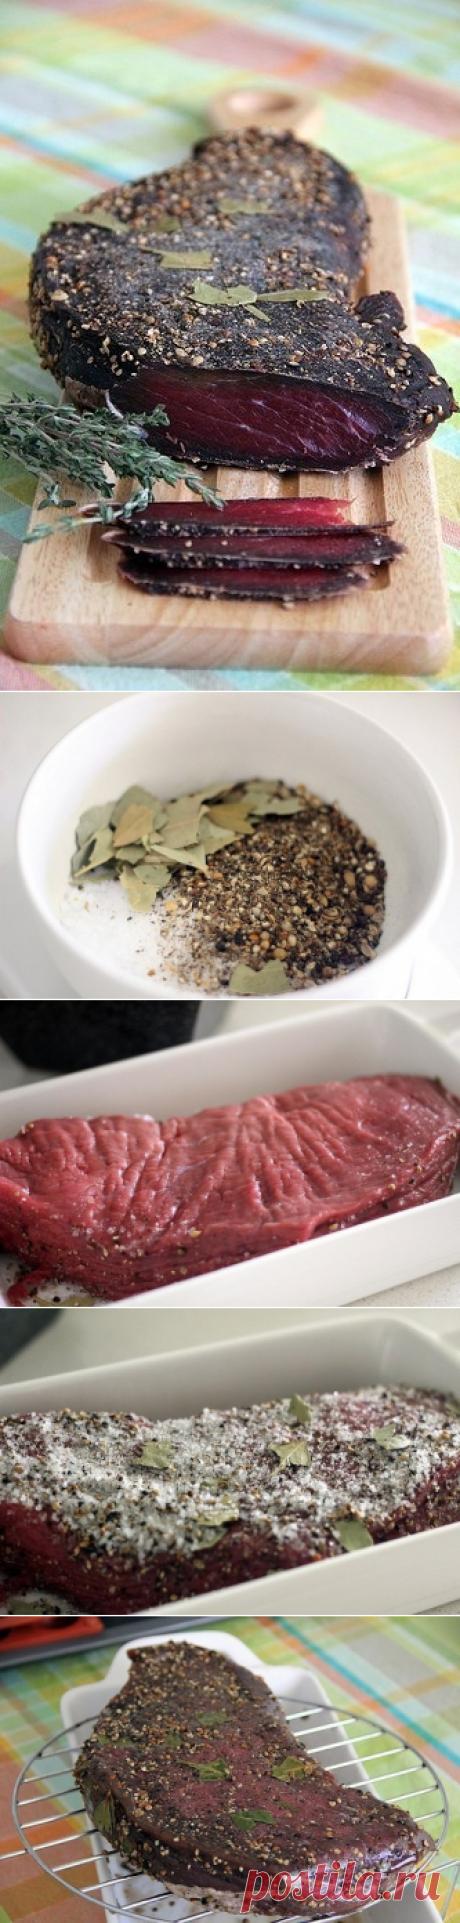 Как приготовить домашнее вяленое мясо. - рецепт, ингридиенты и фотографии